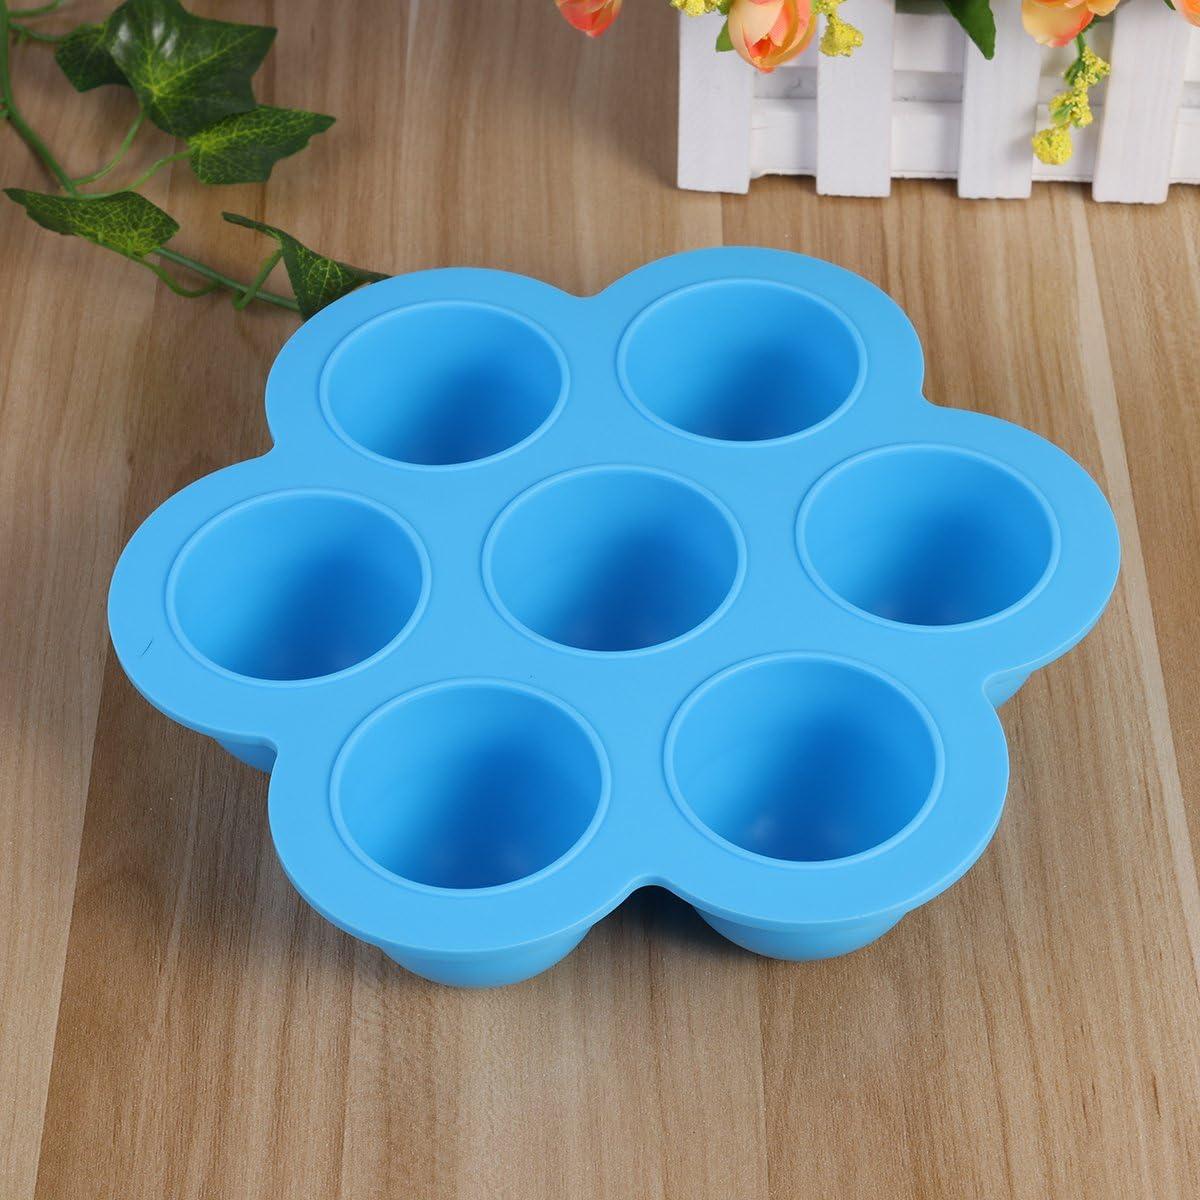 7 cavit/és Plateaux de cong/élateur des conteneurs de stockage des aliments pour b/éb/é r/éutilisables en silicone BESTOMZ Plateaux de stockage des aliments avec des clips sur le couvercle bleu ciel